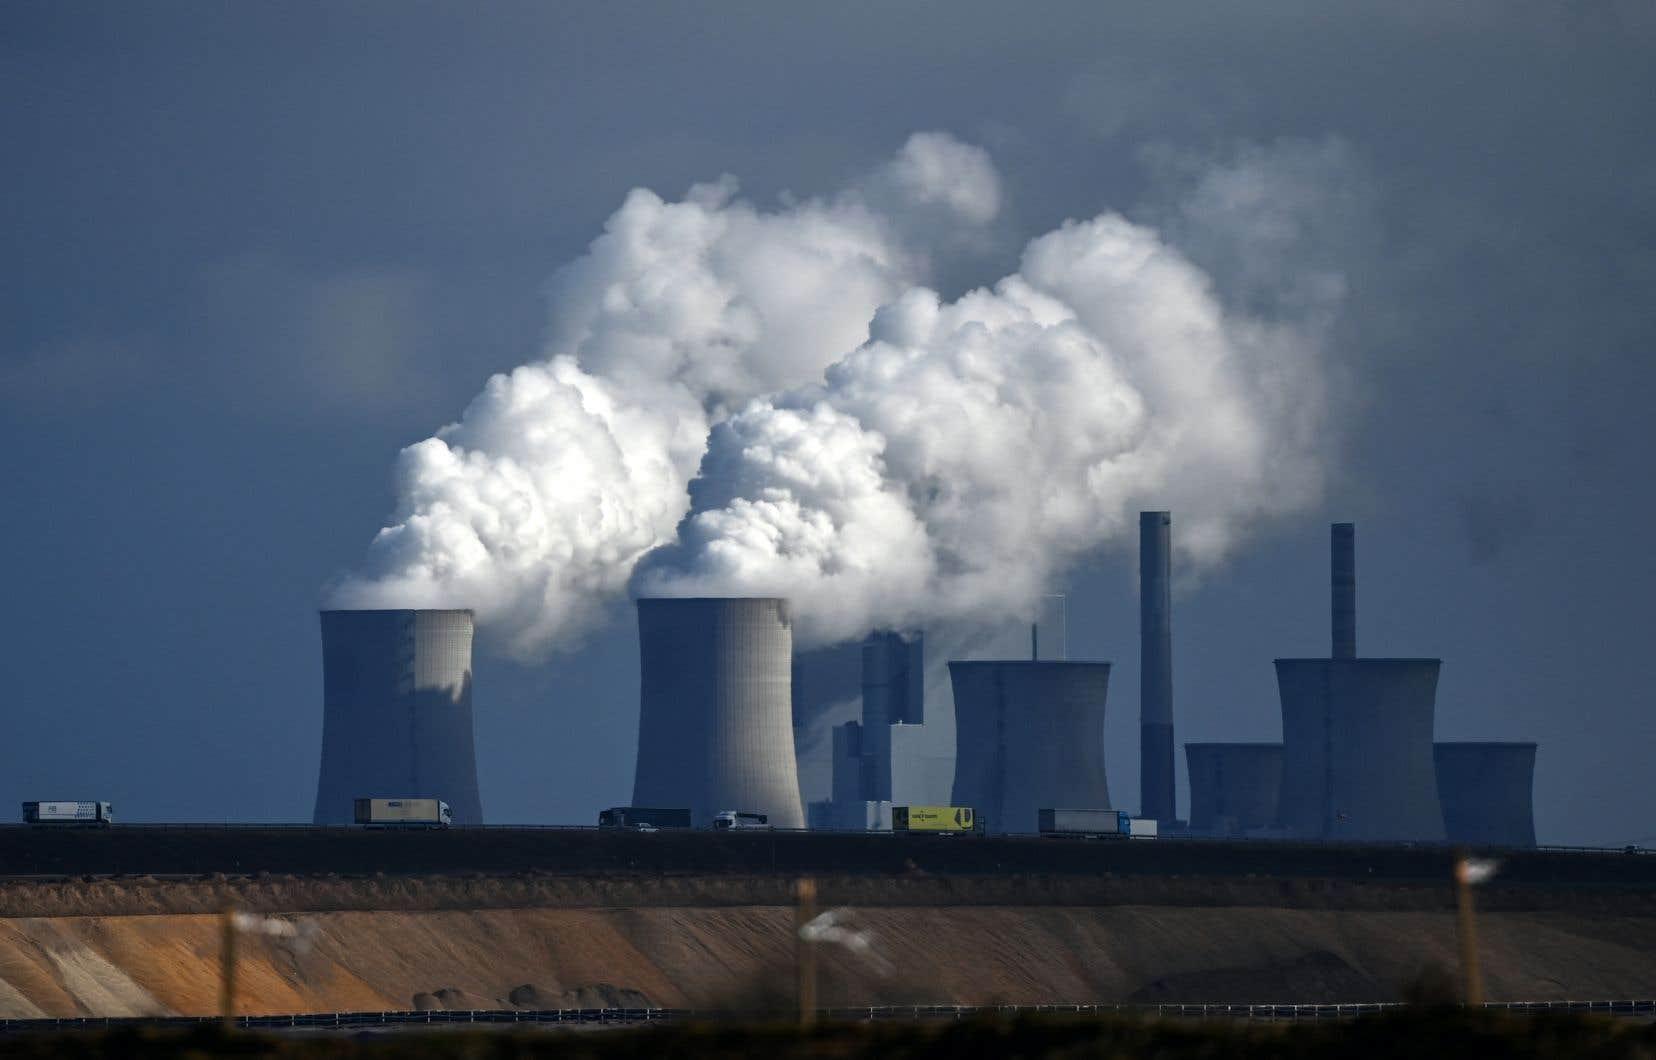 Le charbon doit être éliminé du portrait énergétique d'ici 2050, selon l'Agence internationale de l'énergie.